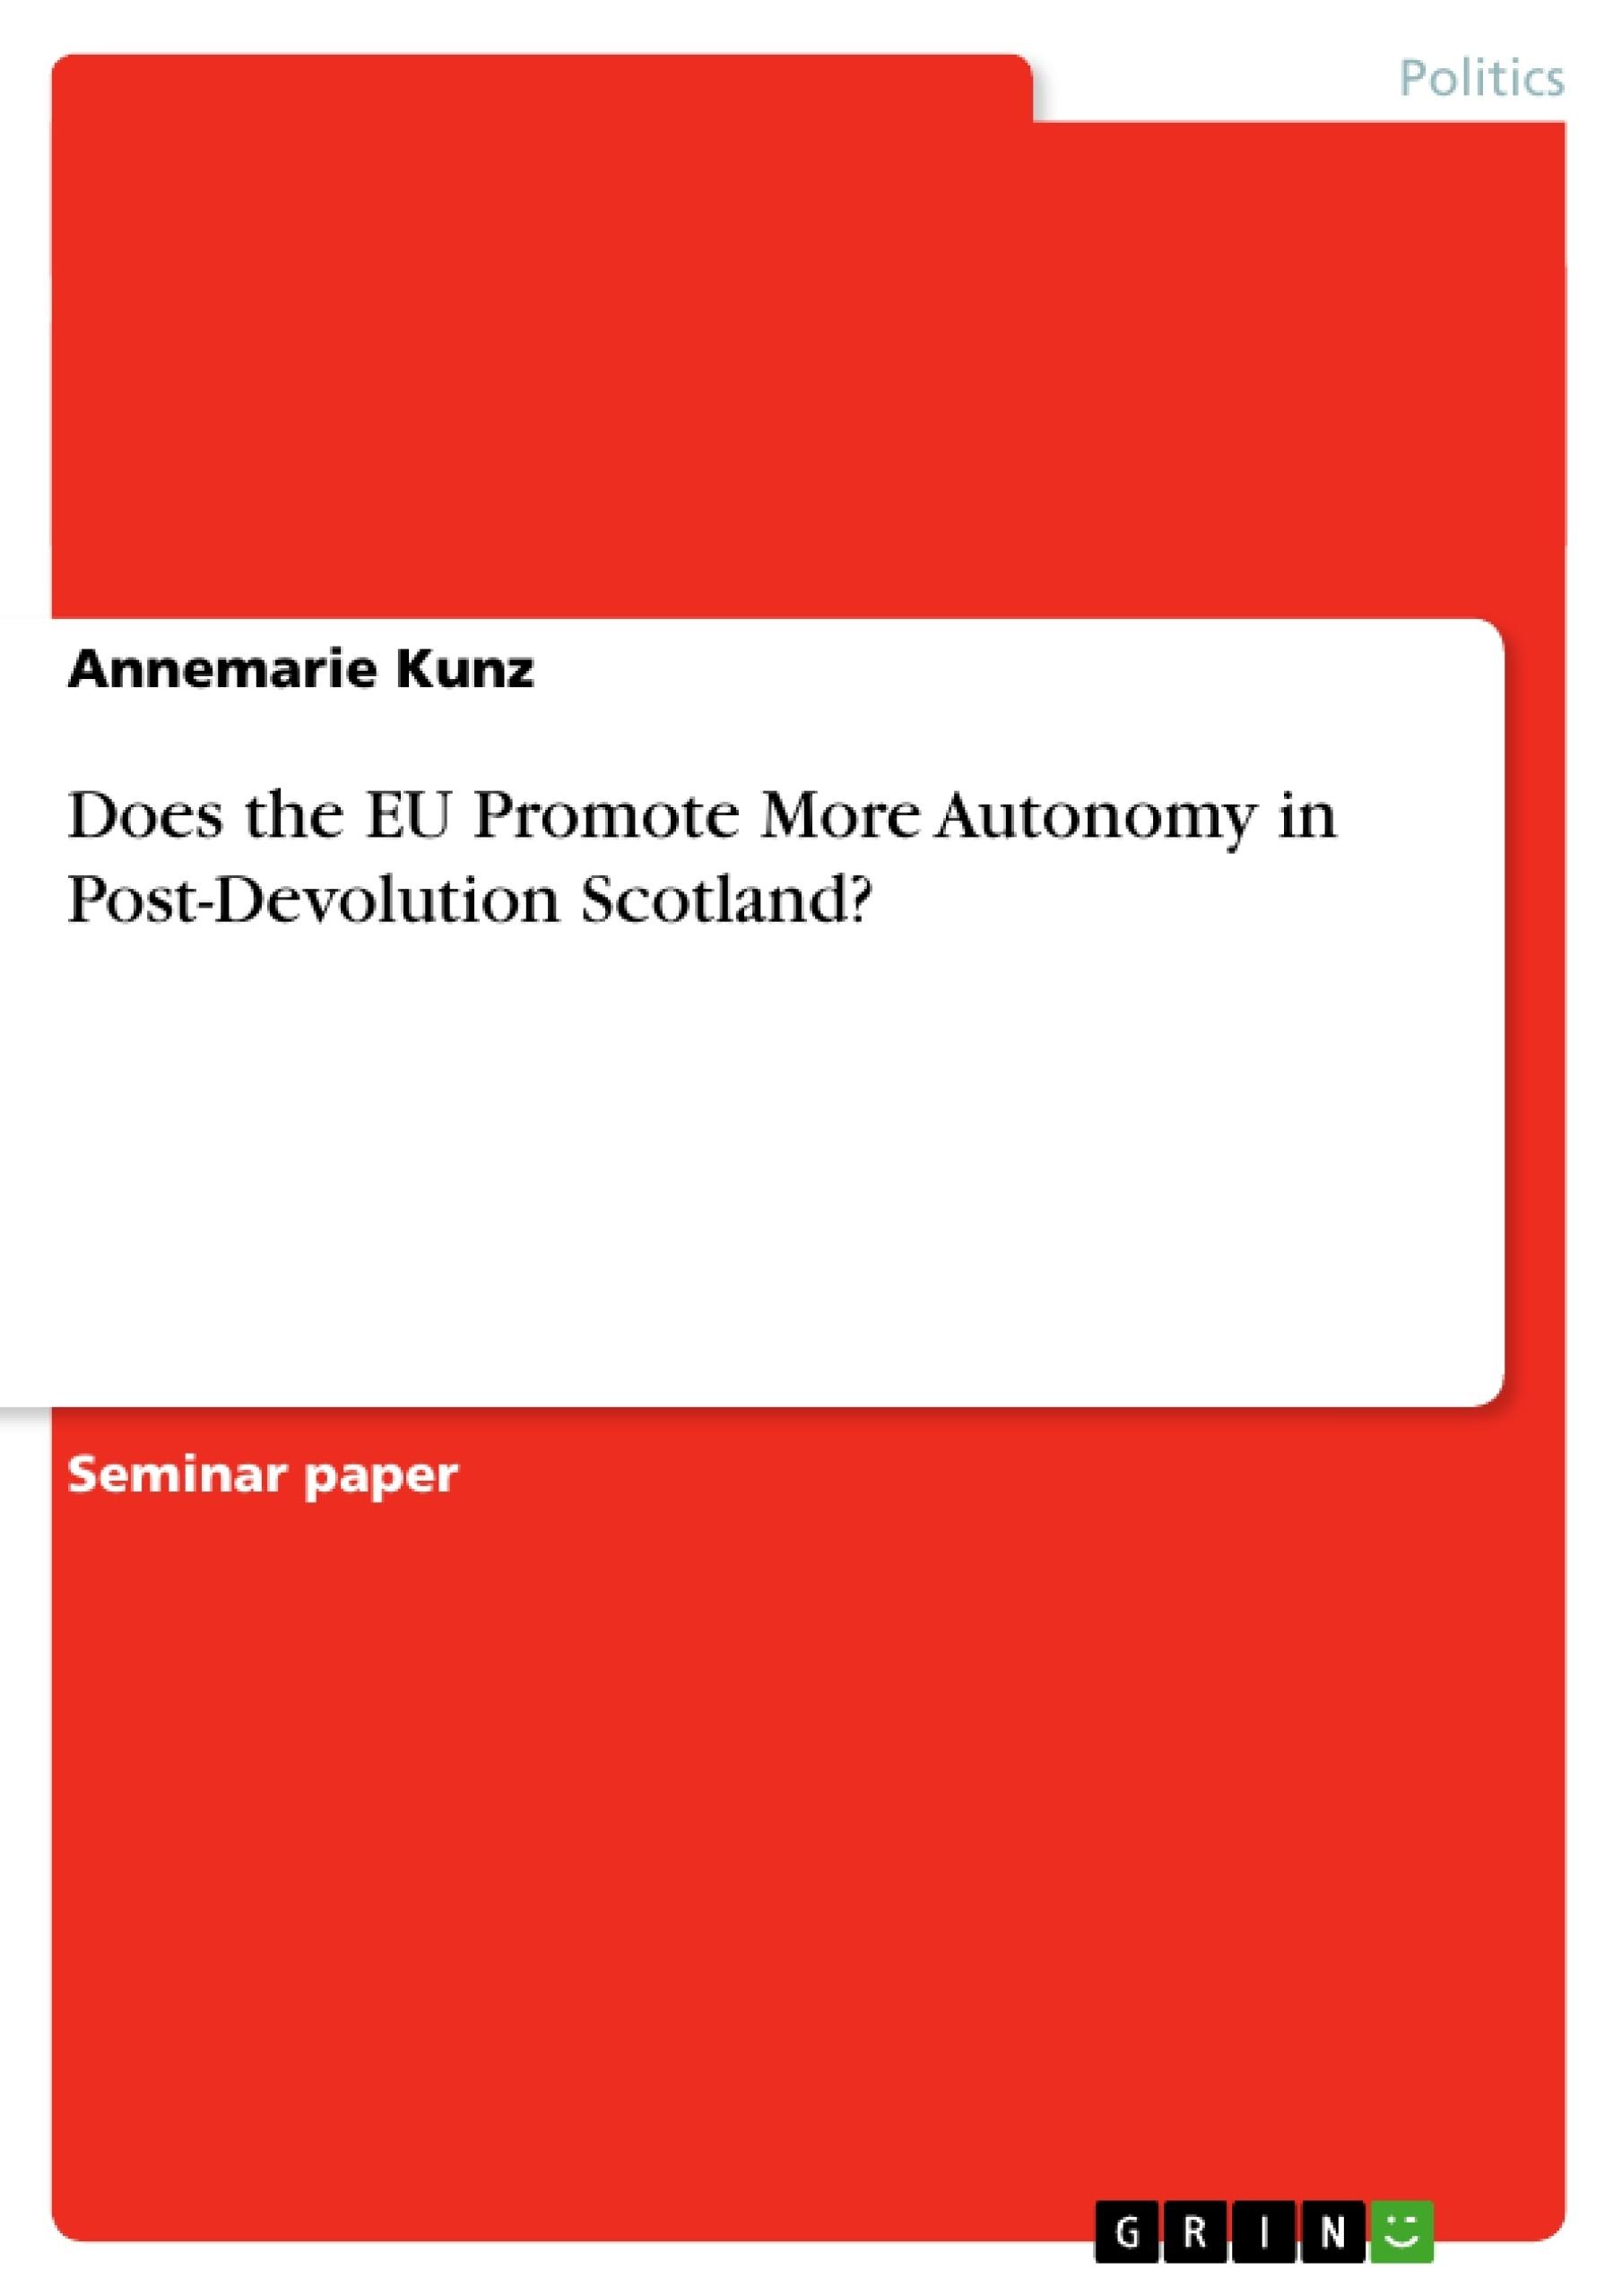 Title: Does the EU Promote More Autonomy in Post-Devolution Scotland?